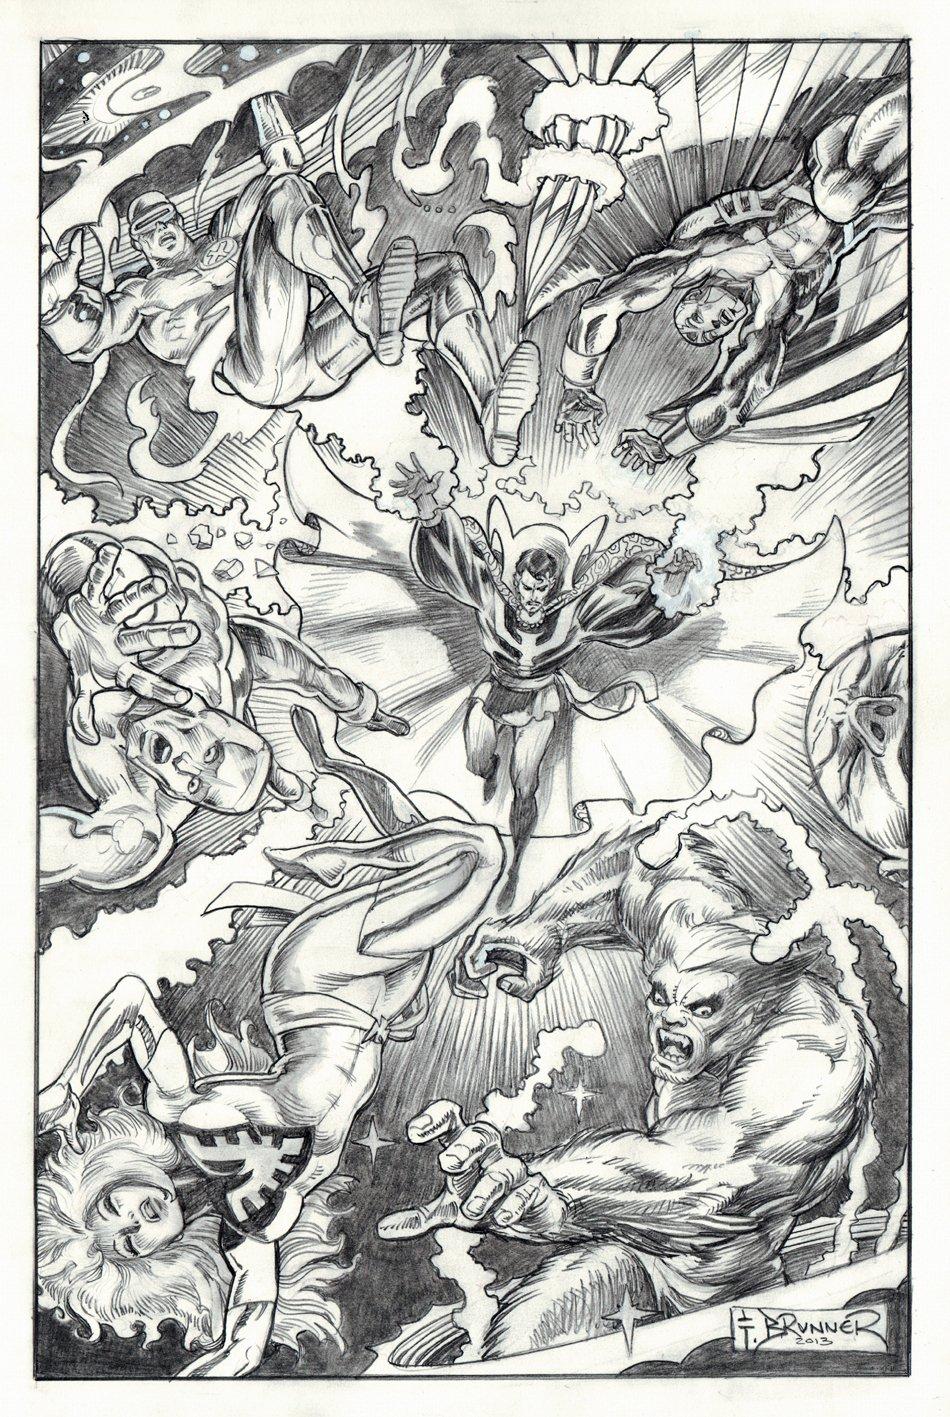 Dr. Strange Battles '6' X-Men Commission Pinup (Large Art) 2012